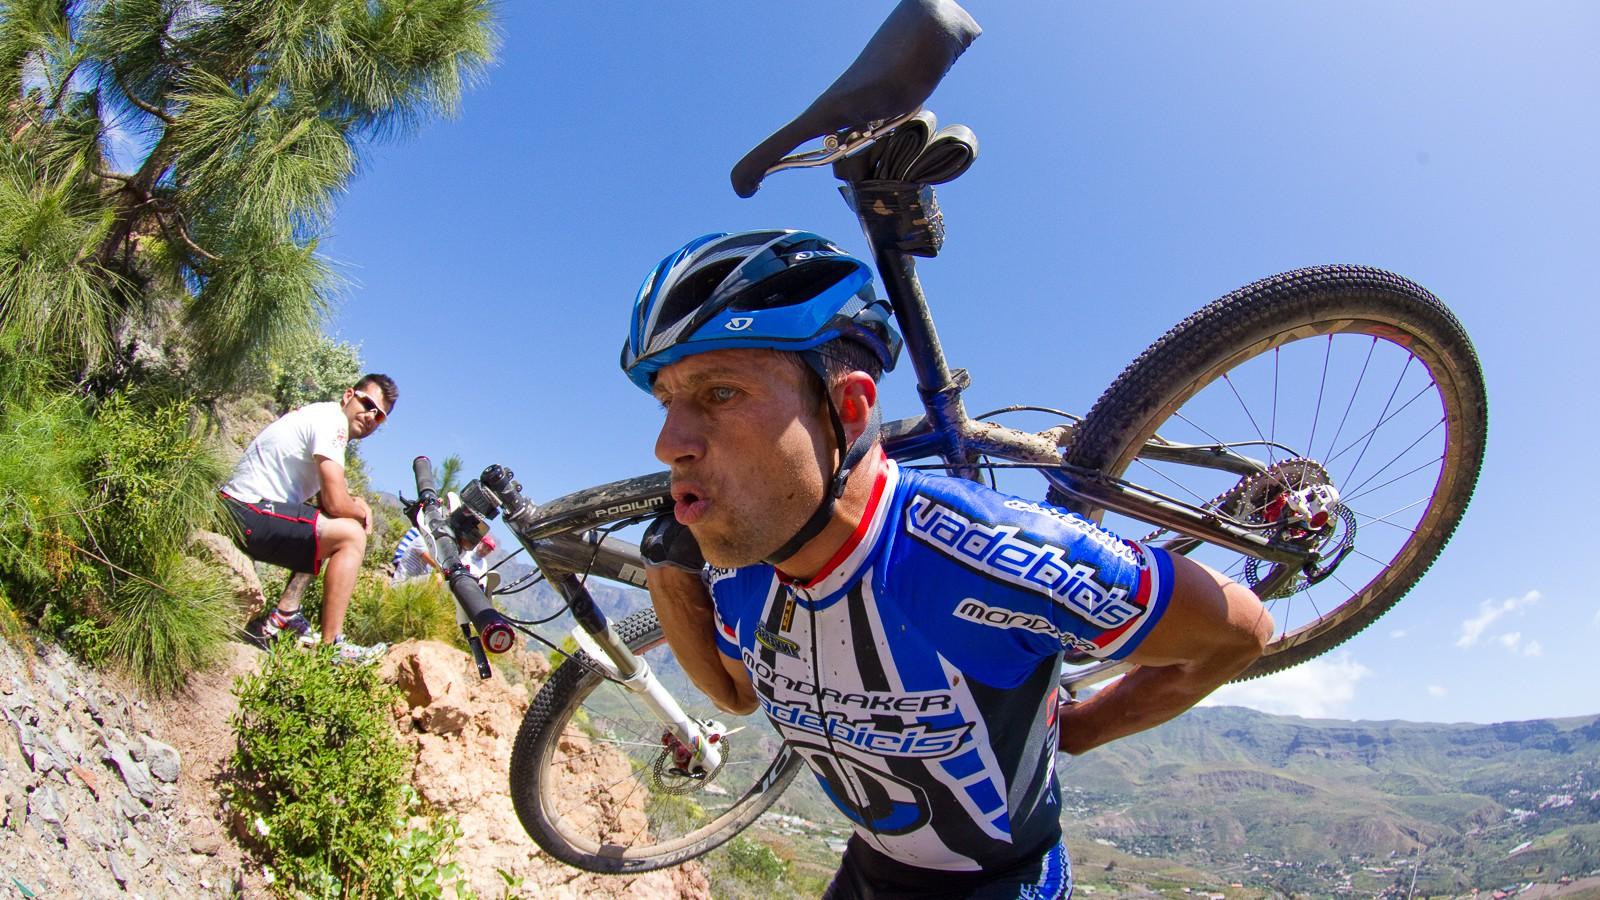 Die besagten Partien unseres Bewegungsapparates haben beim Biken oft schwere Belastungen zu tragen ...